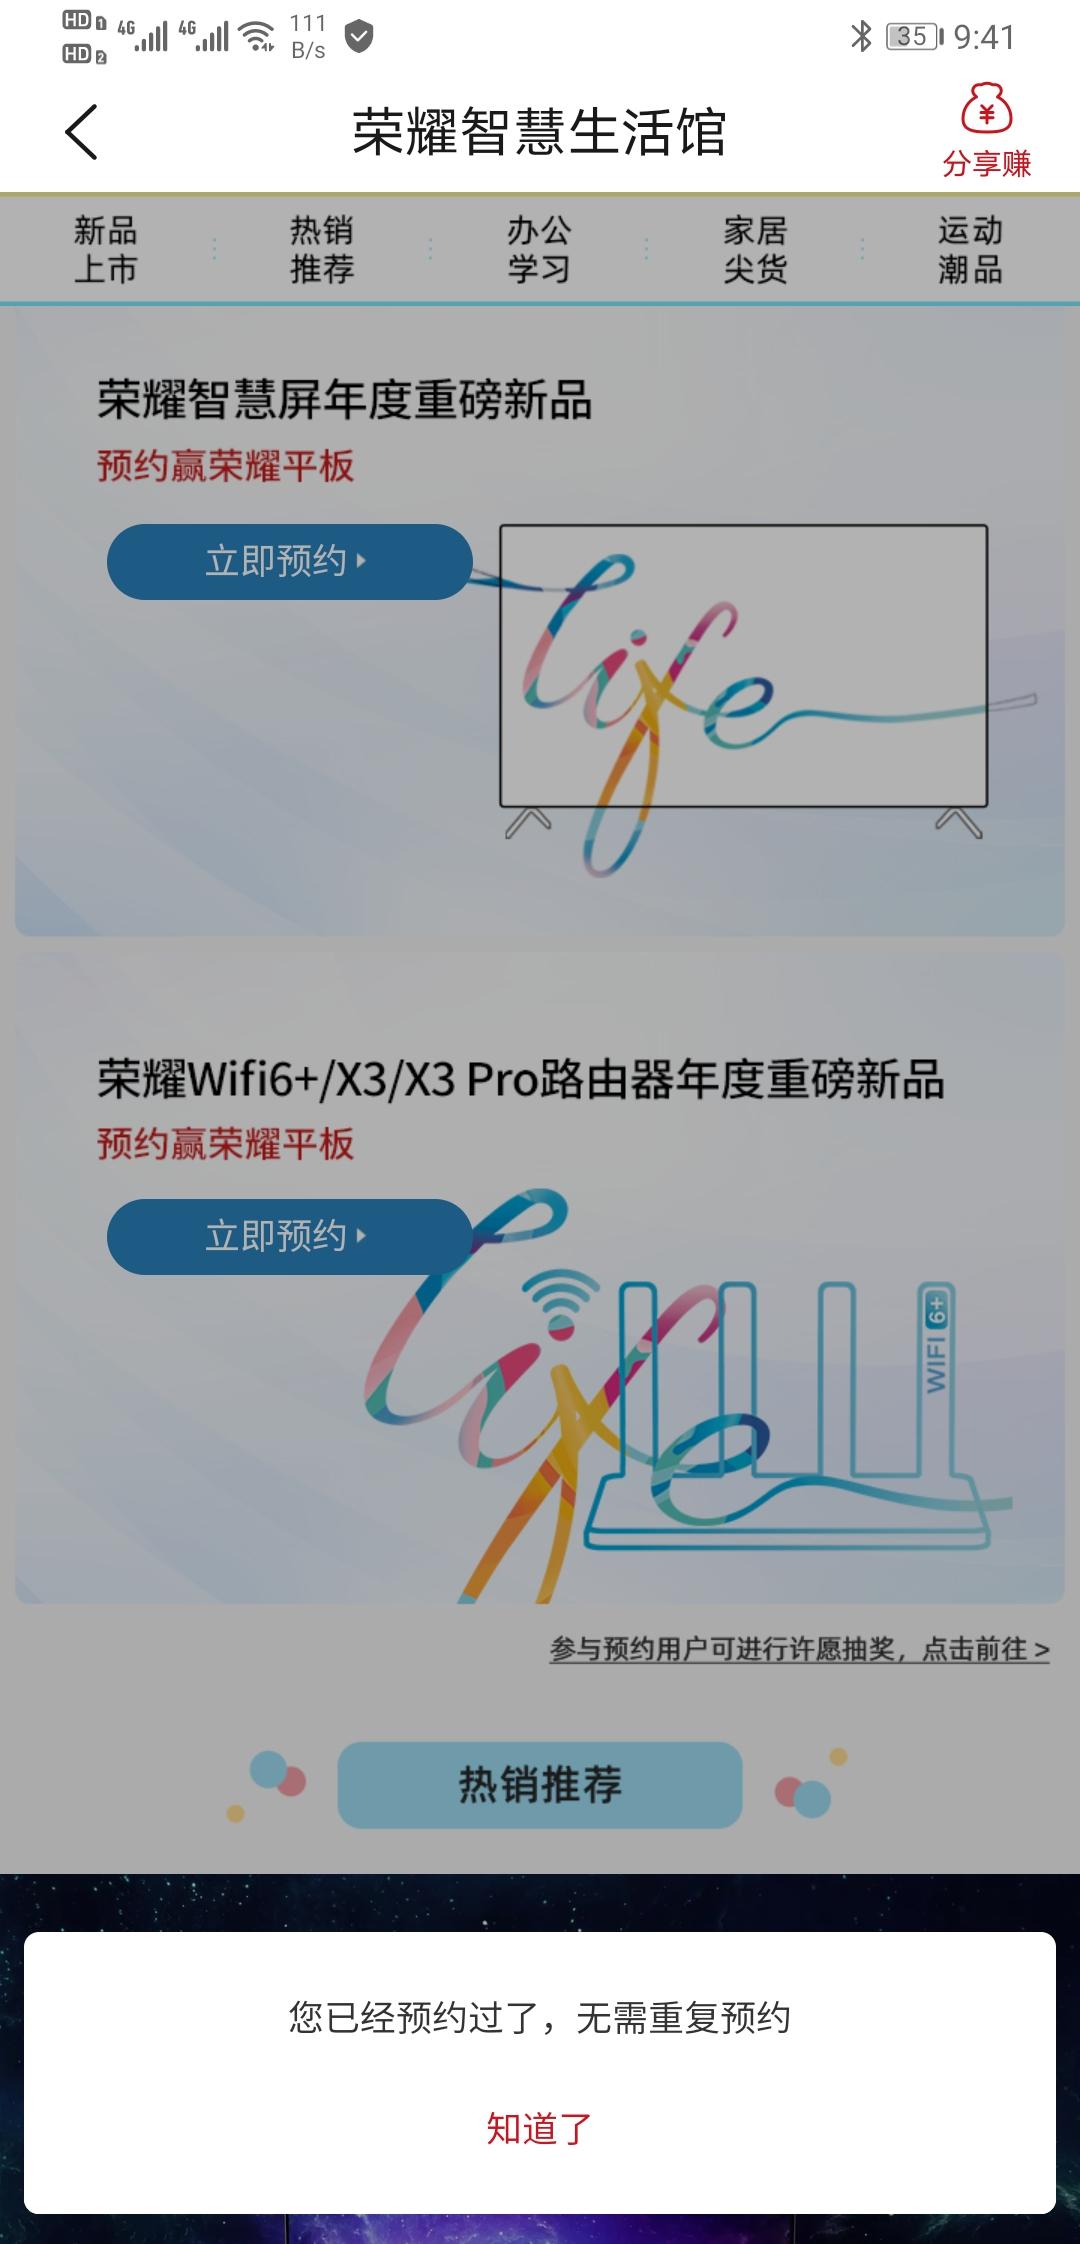 Screenshot_20200512_214149_com.vmall.client.jpg